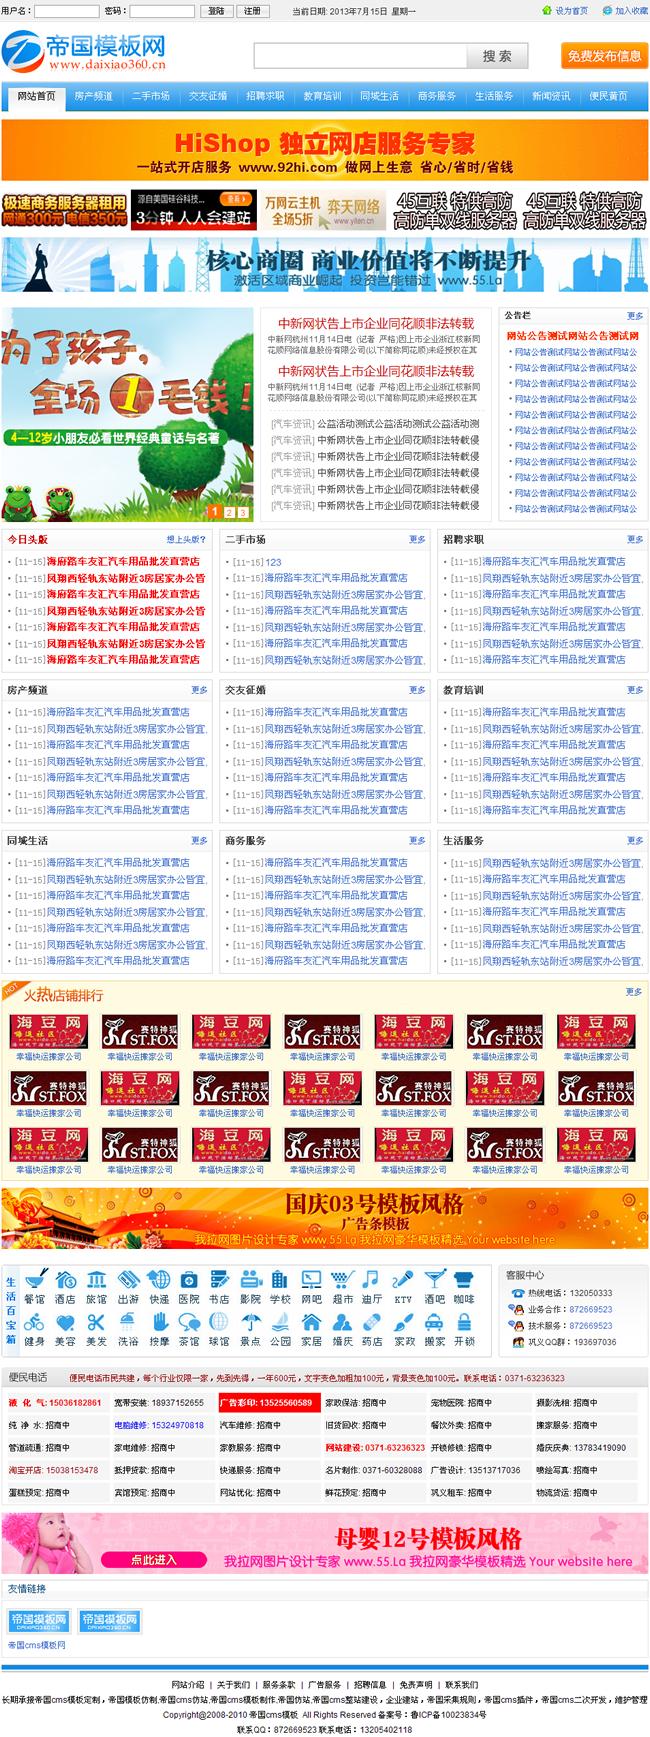 帝国cms分类信息模板地方门户网站源码_首页